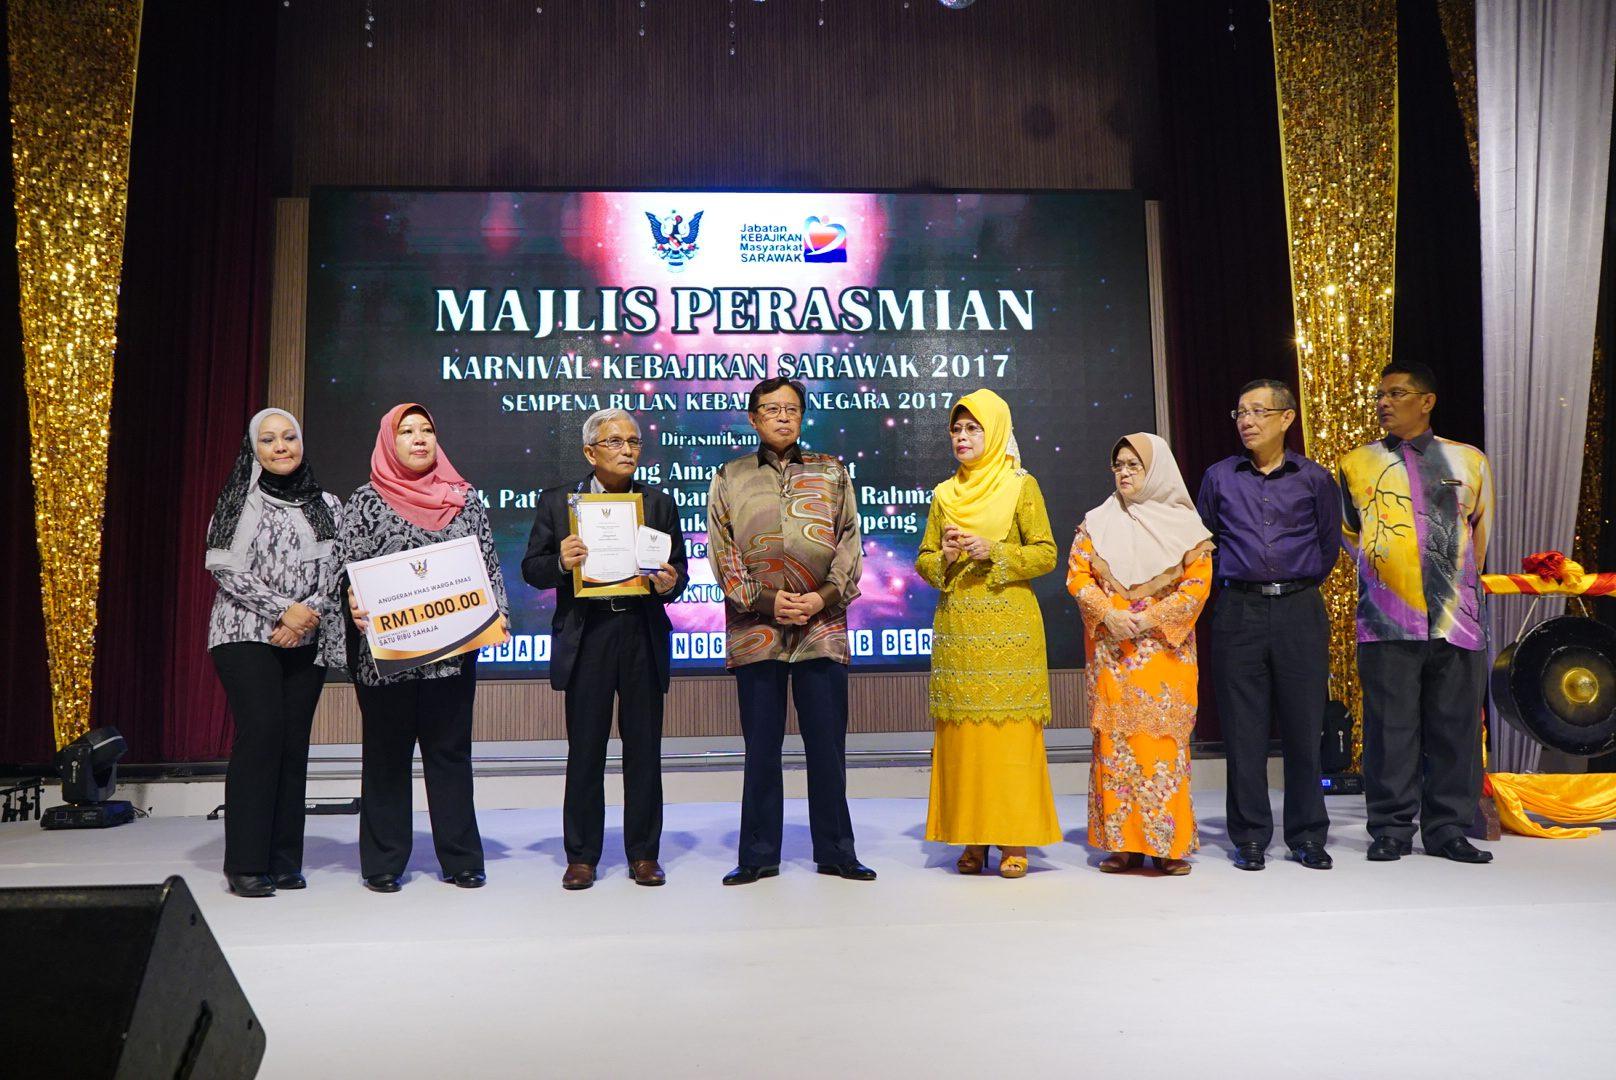 Perasmian Karnival Kebajikan Sarawak 2017